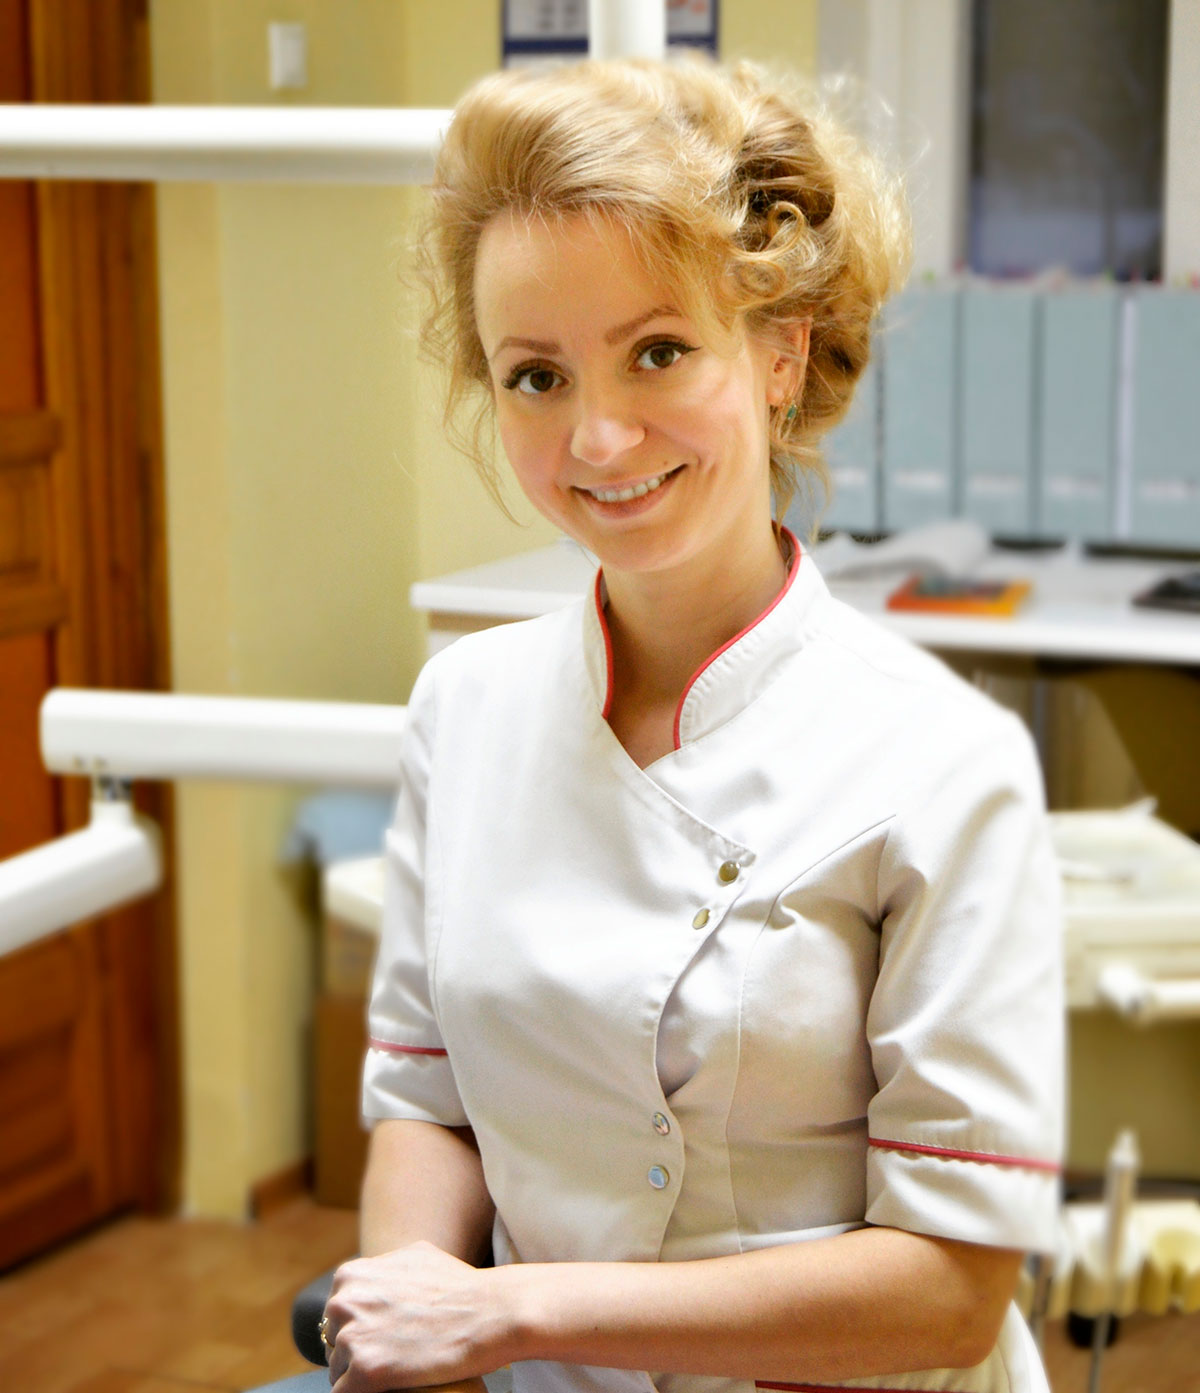 Тюлякова Виктория Игоревна — стоматолог-терапевт, эндодонтист